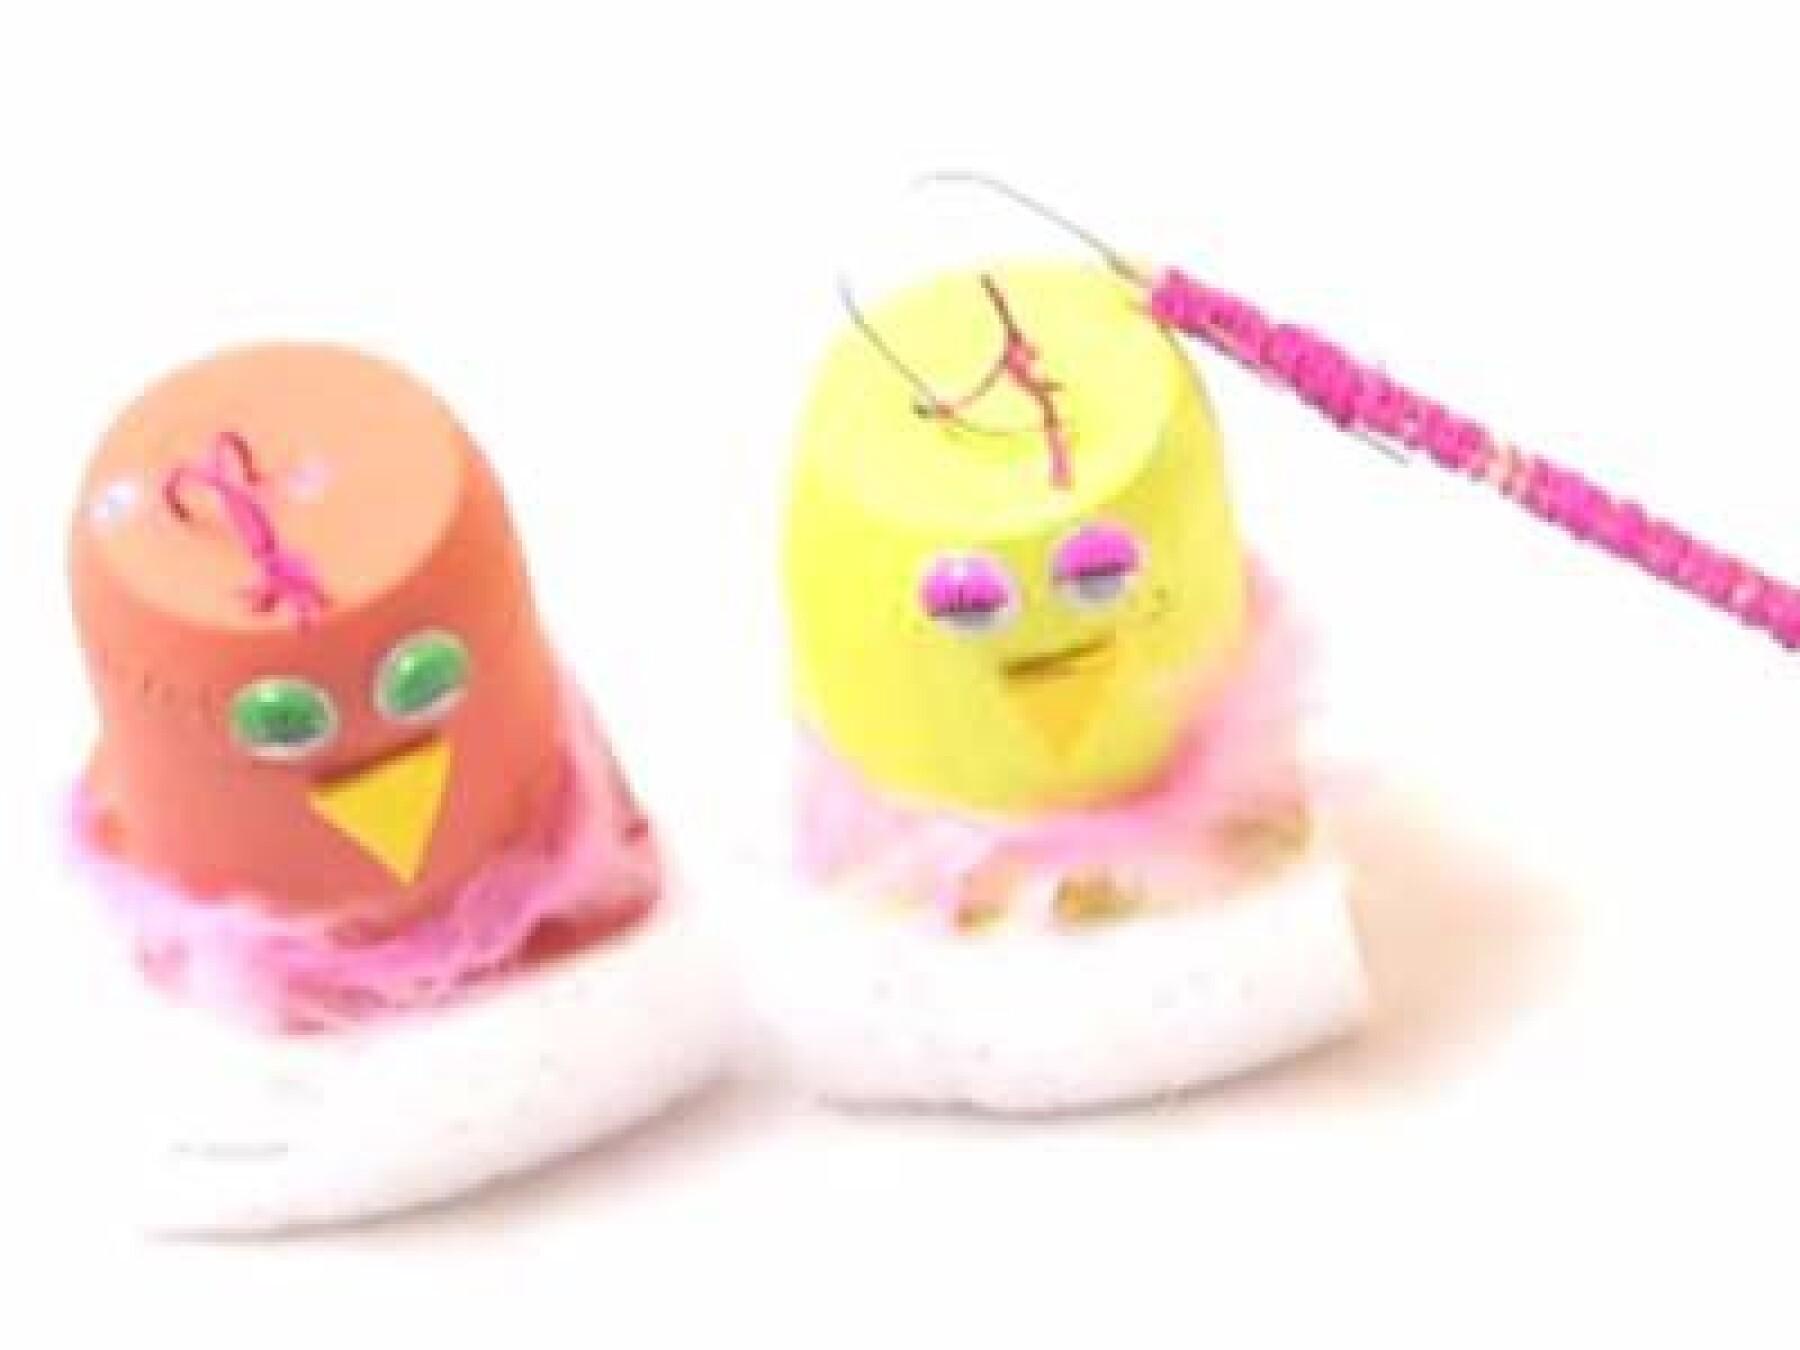 vidéo bricolage pêche aux canards